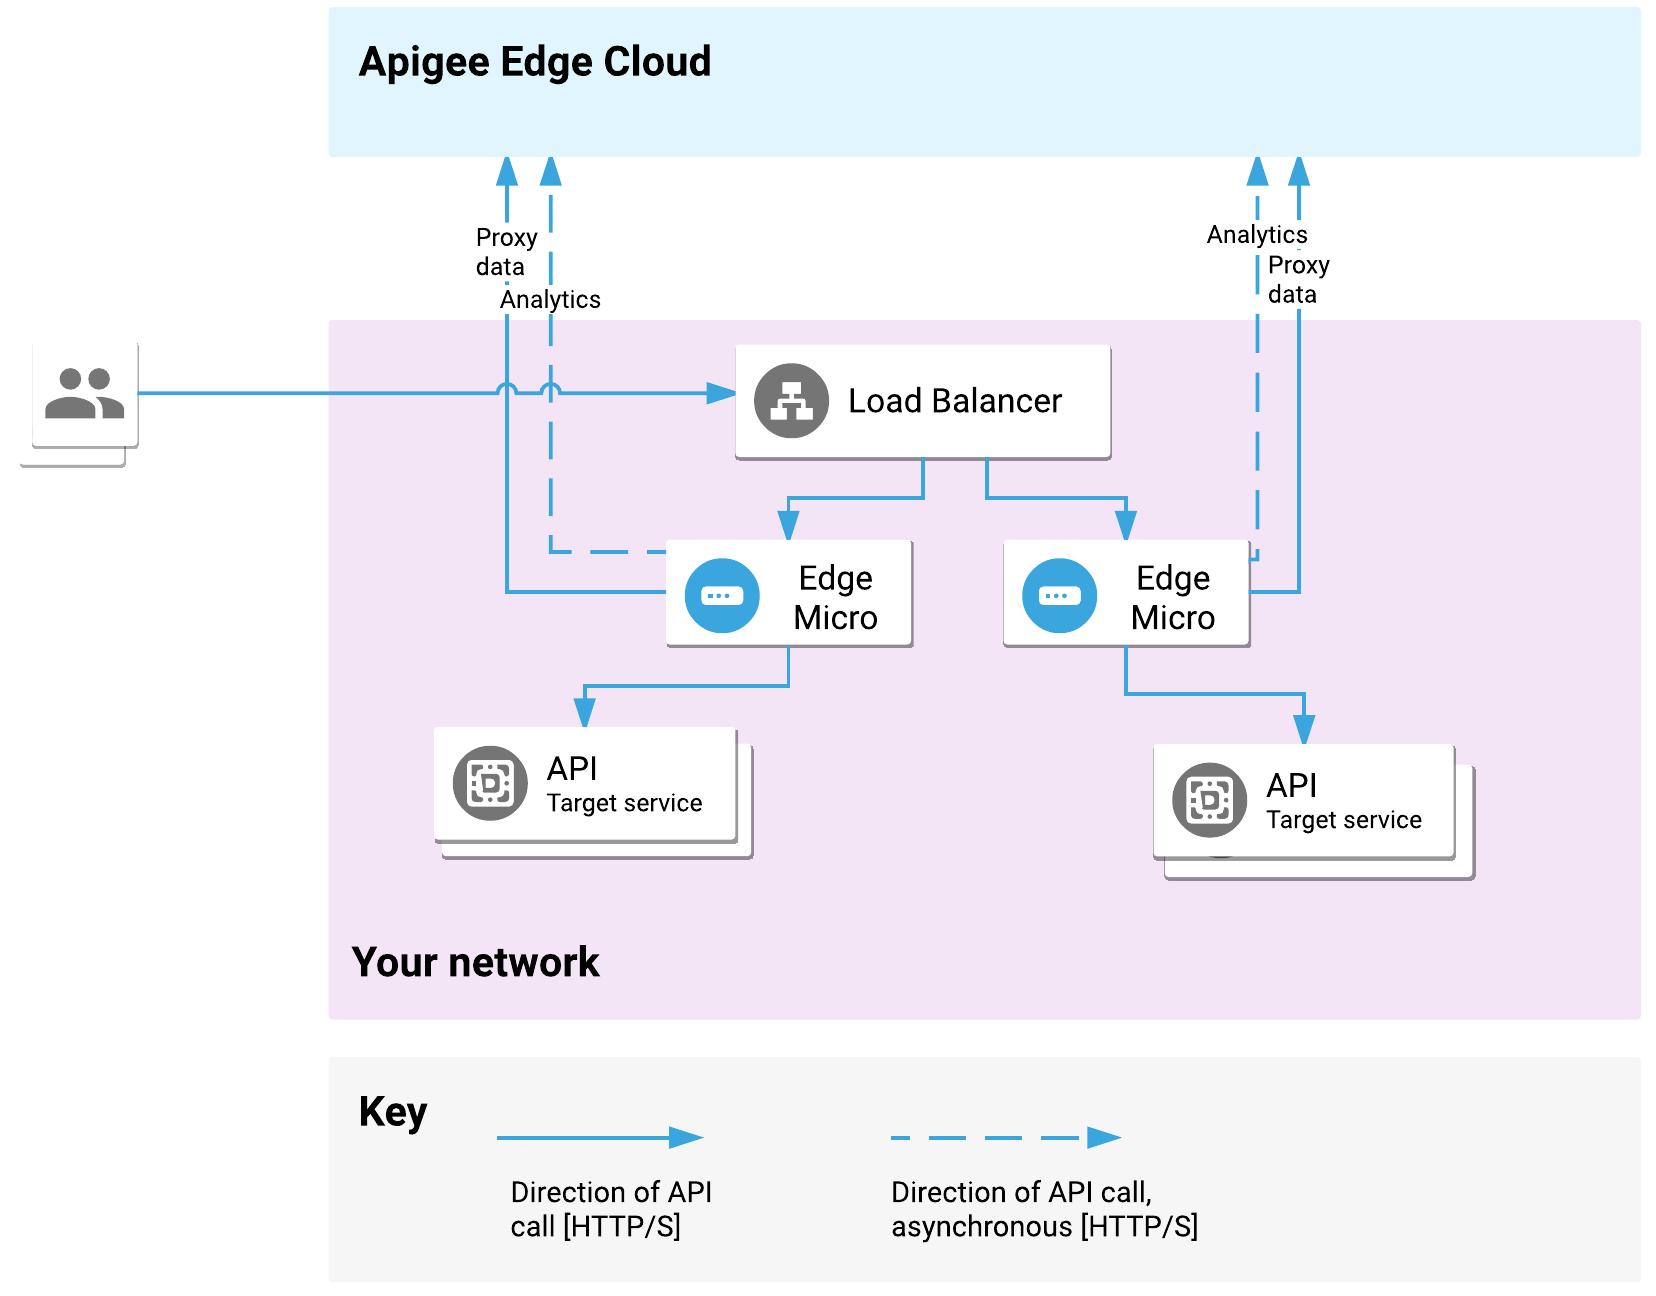 ロードバランサから Edge Microgateway の複数のインスタンスにトラフィックが送信されます。Microgateway のインスタンスは Edge Cloud と通信し、ターゲット サービスにリクエストを仲介します。